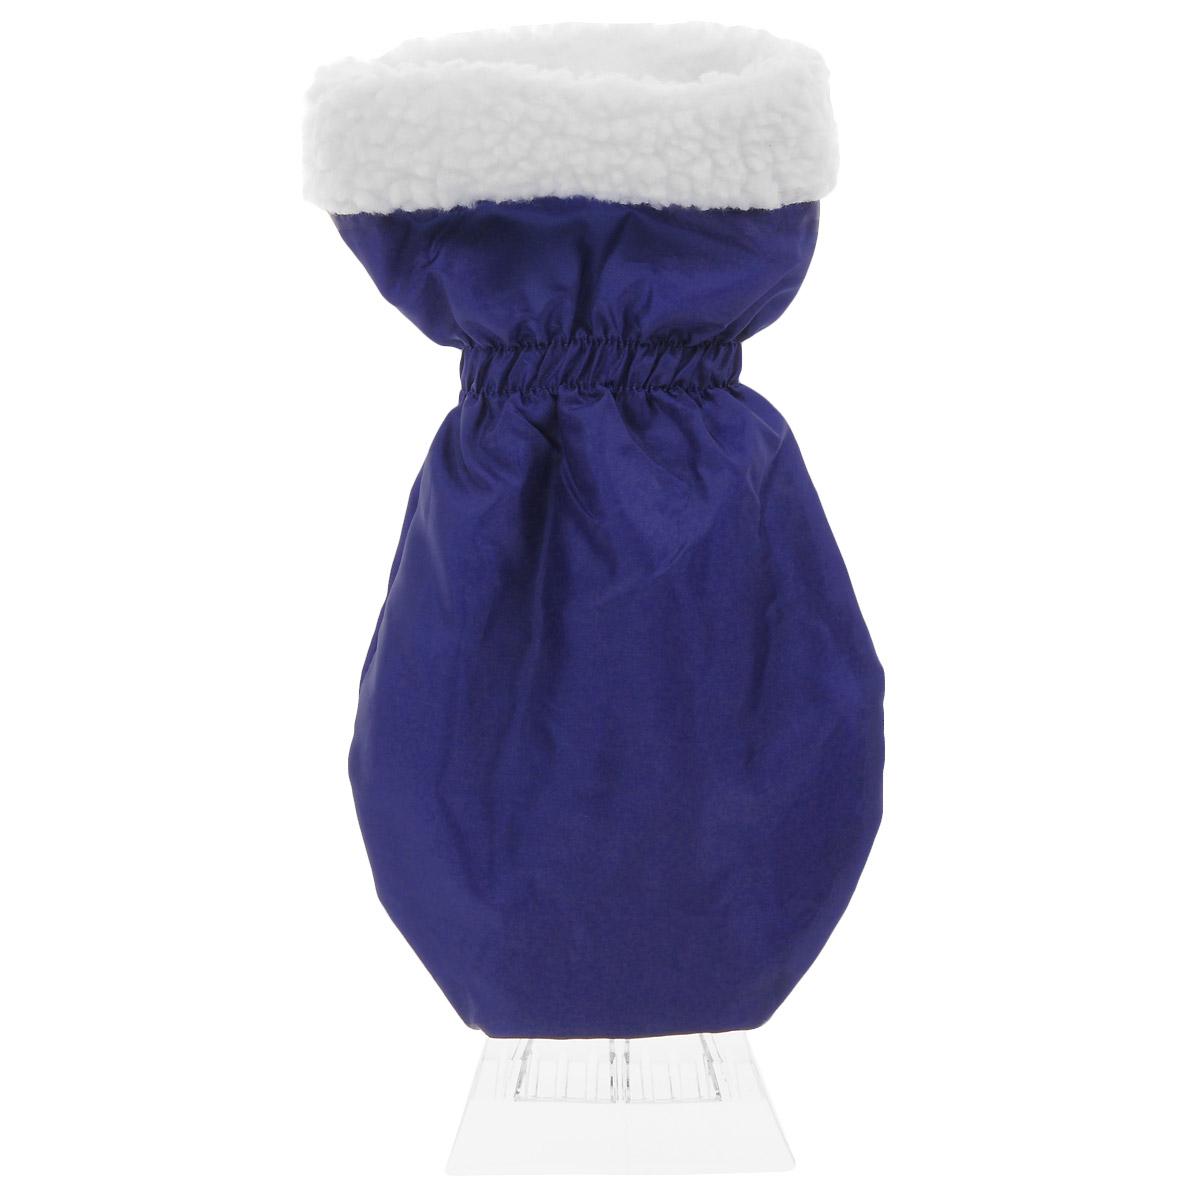 Скребок Clingo для уборки снега и льда, c термозащитной тканью, ширина 11 смCSR-04Скребок Clingo для уборки снега и льда. Термозащитная ткань обеспечит максимальный комфорт во время использования скребка.